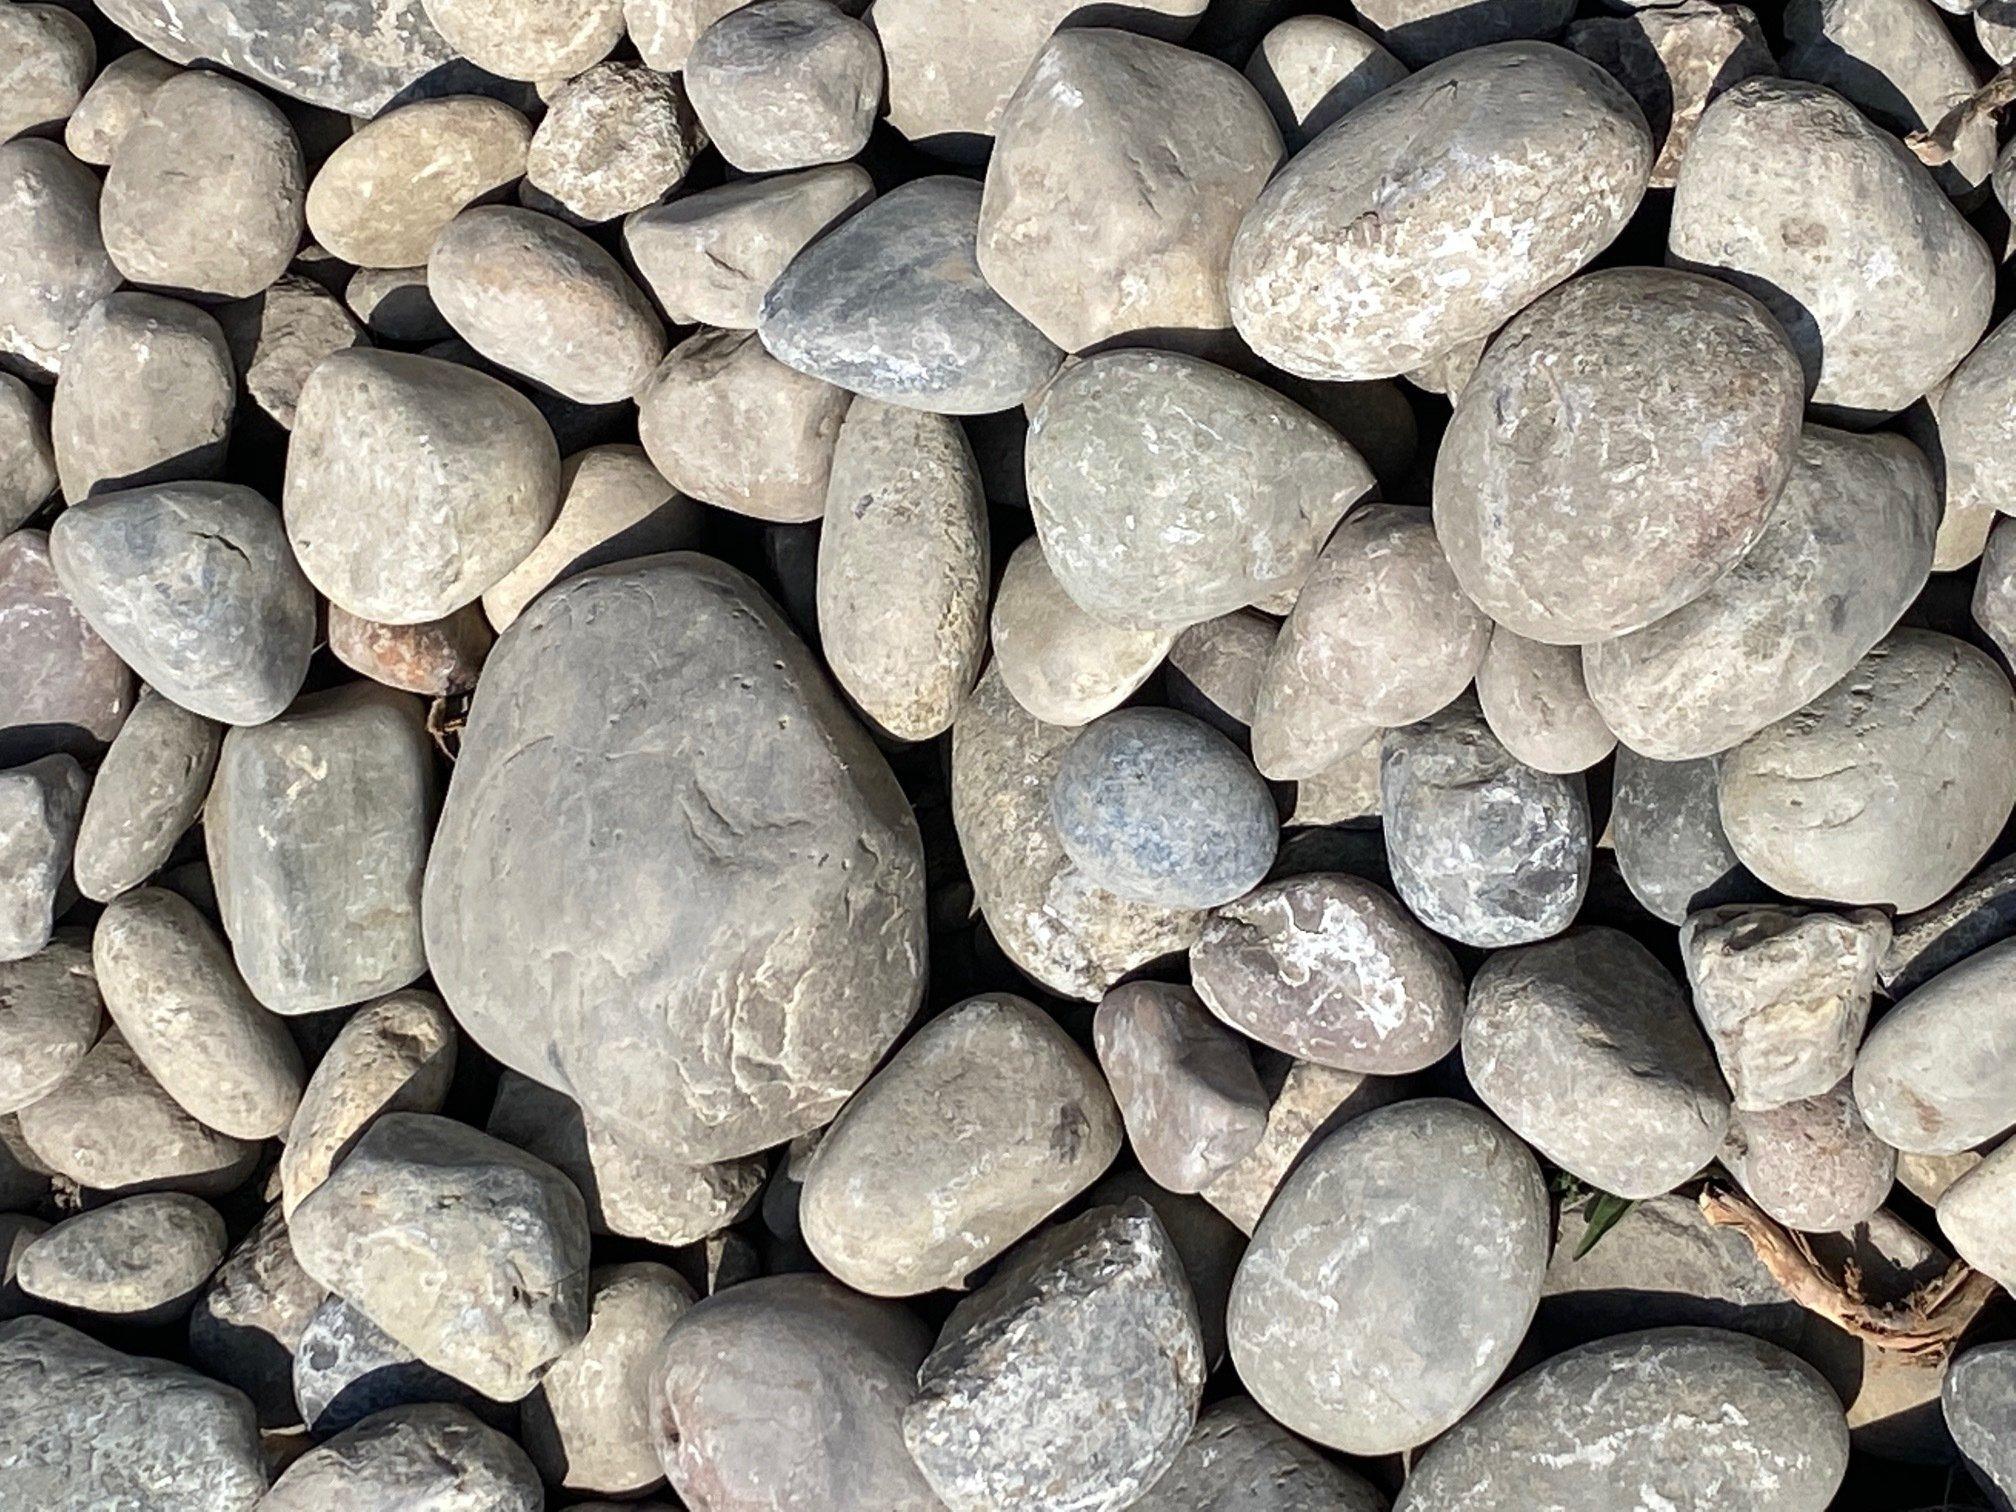 Cobblestone thumbnail